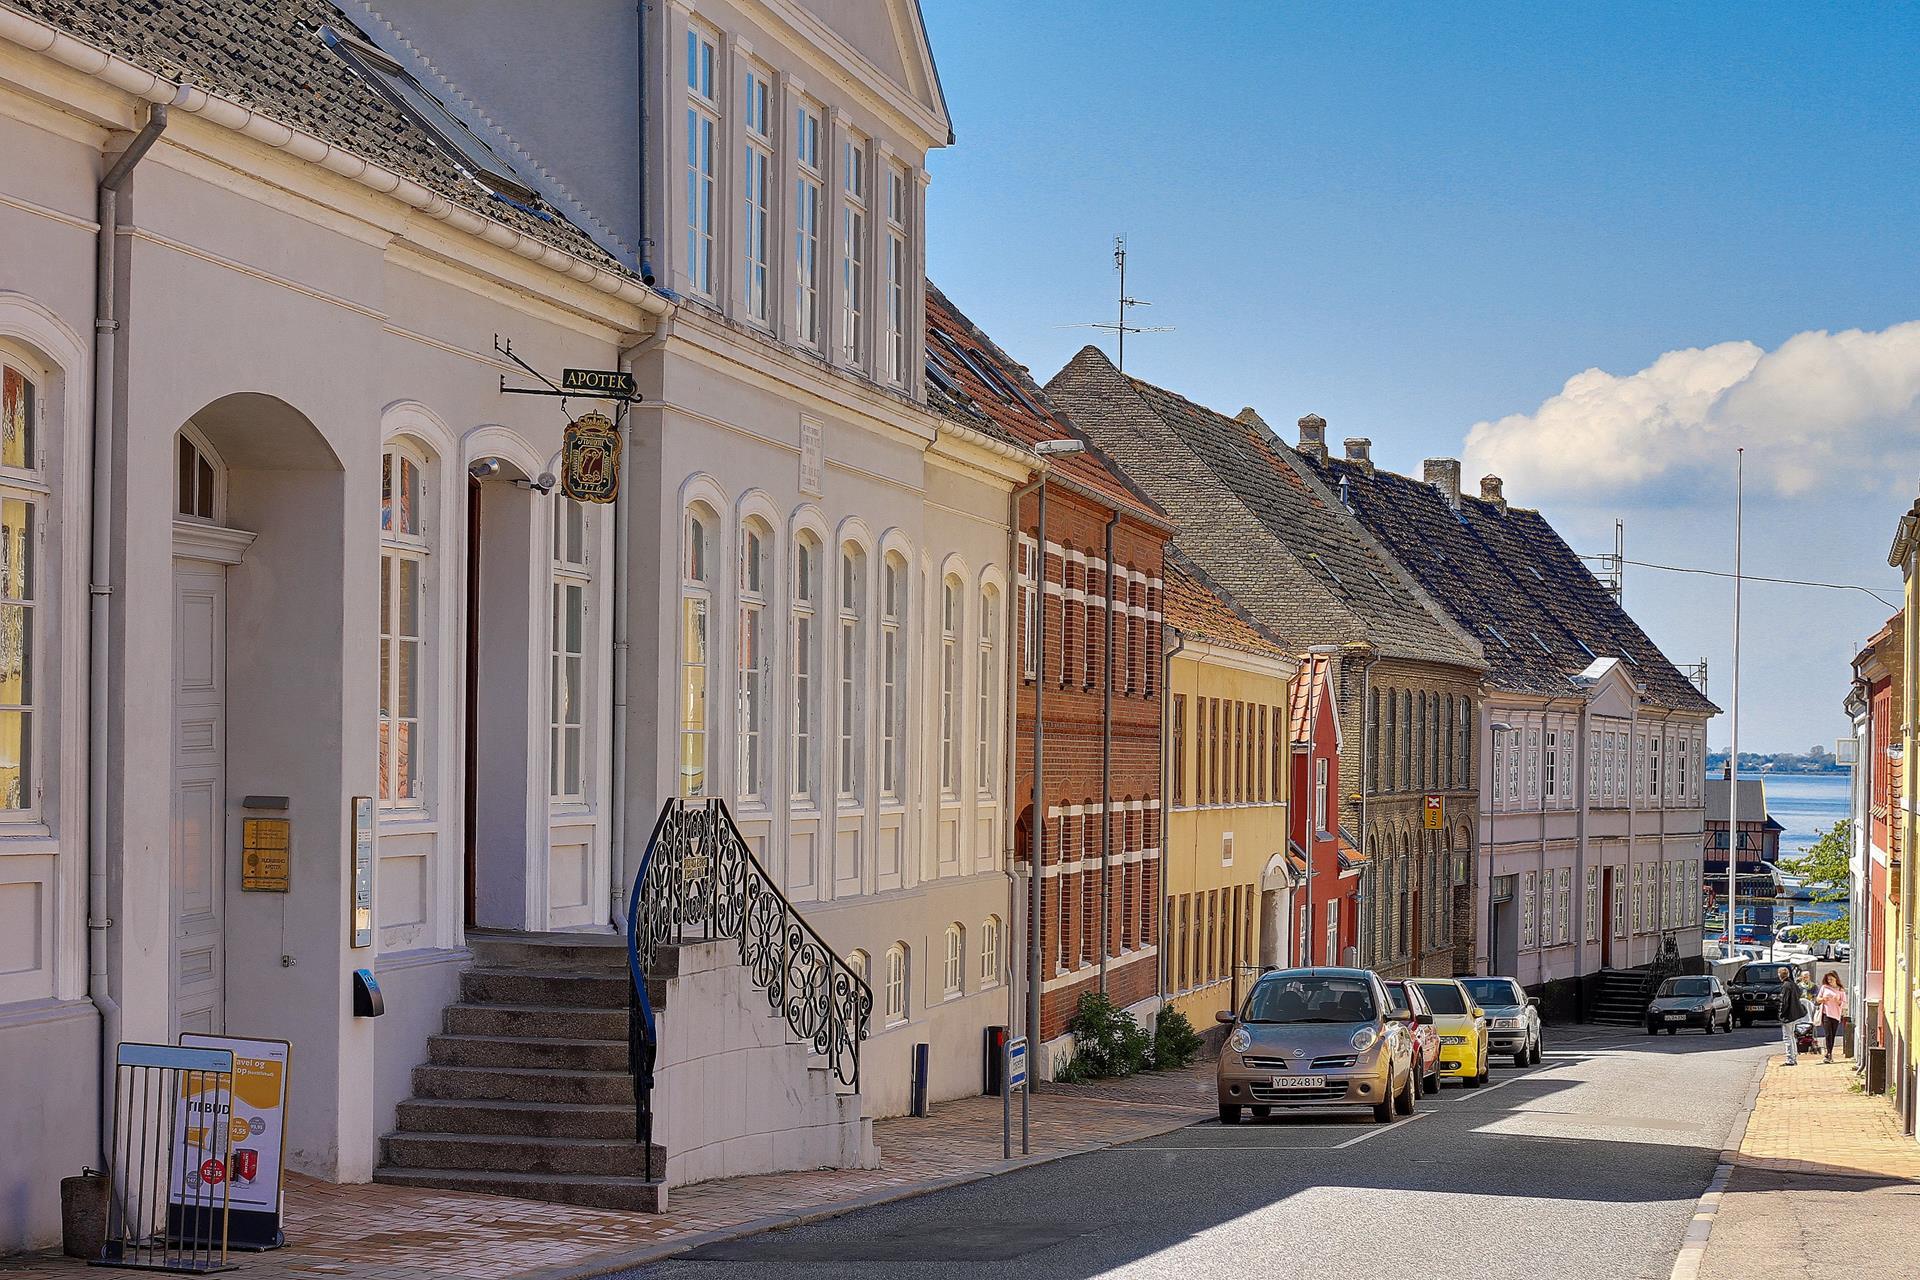 Bolig/erhverv på Brogade i Rudkøbing - Andet